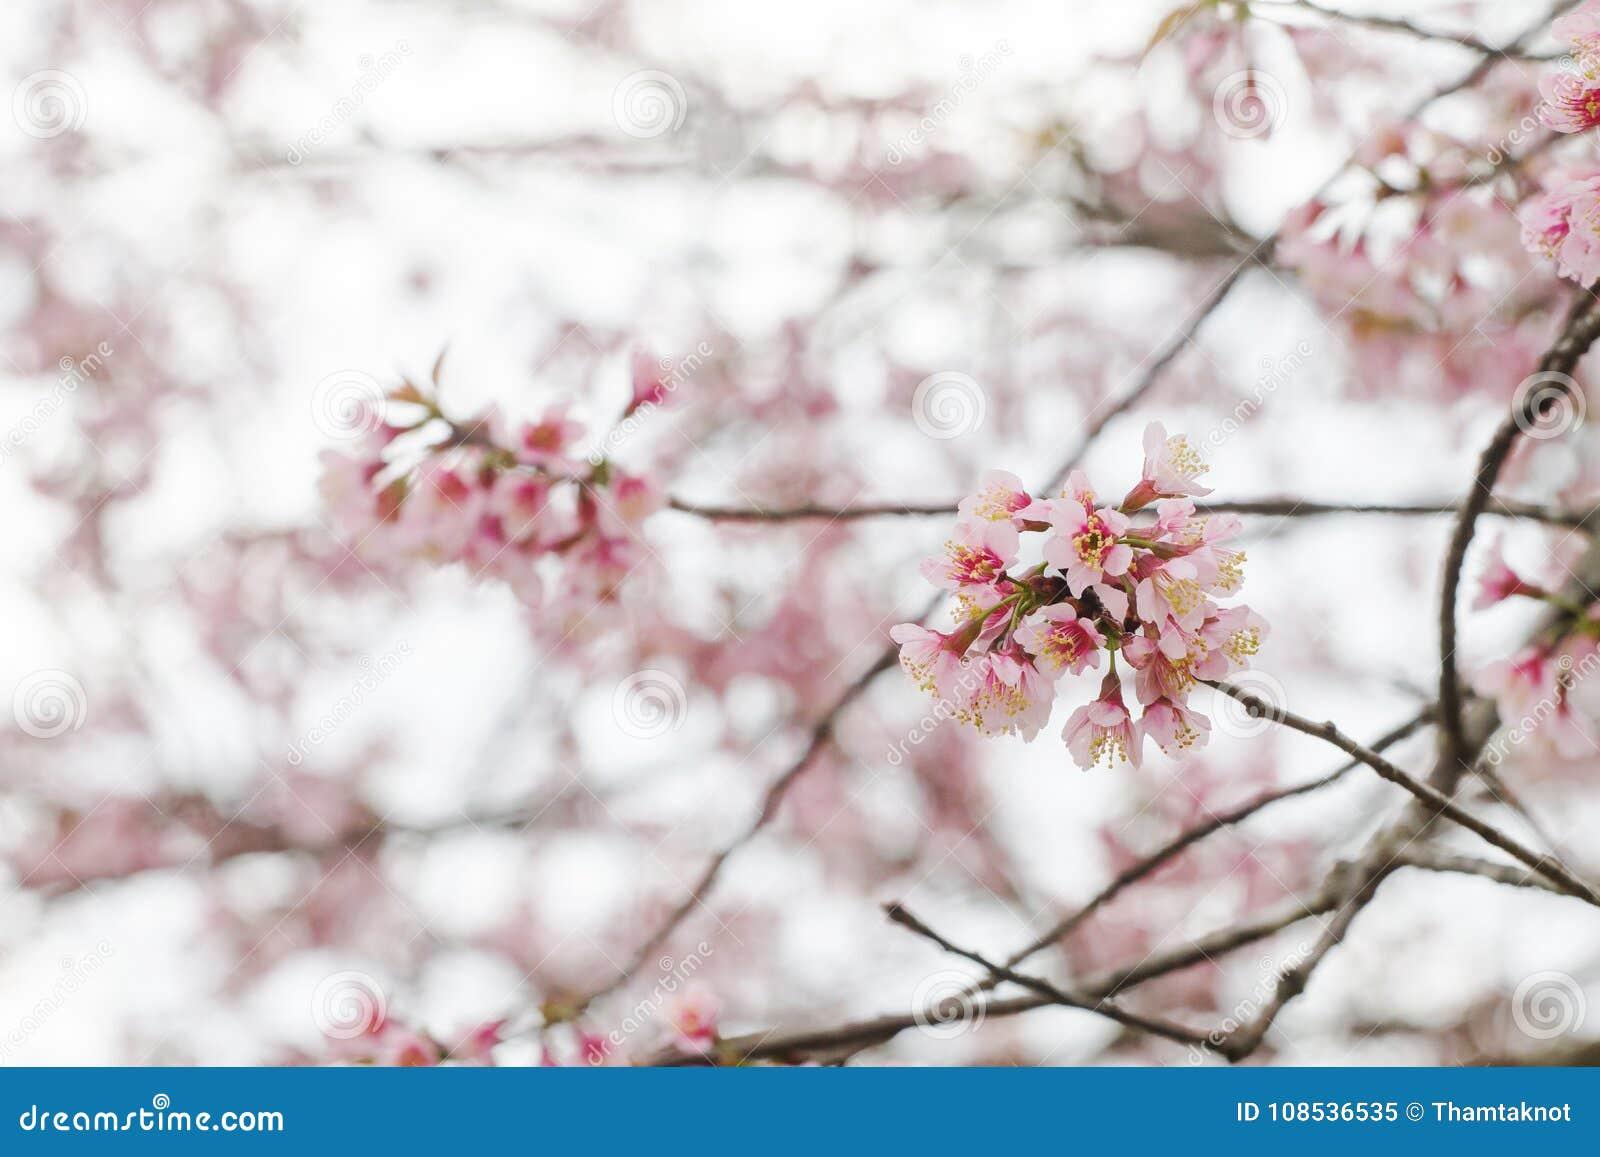 De bloei van de Prunus cerasoides bloem is volledig van koude berg als achtergrond